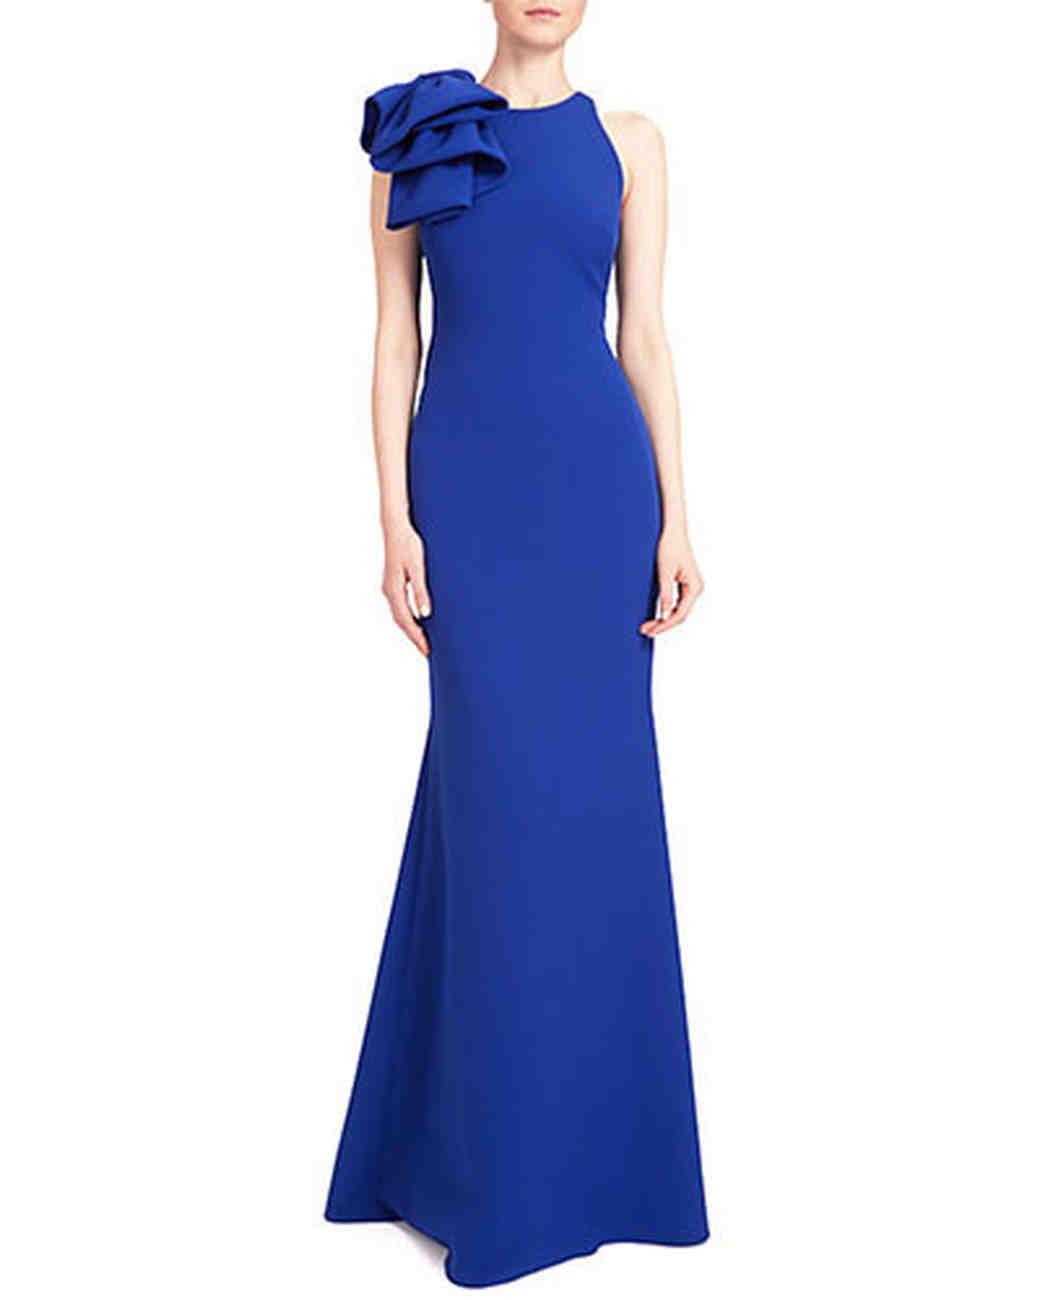 Badgley Mischka Evening Gown